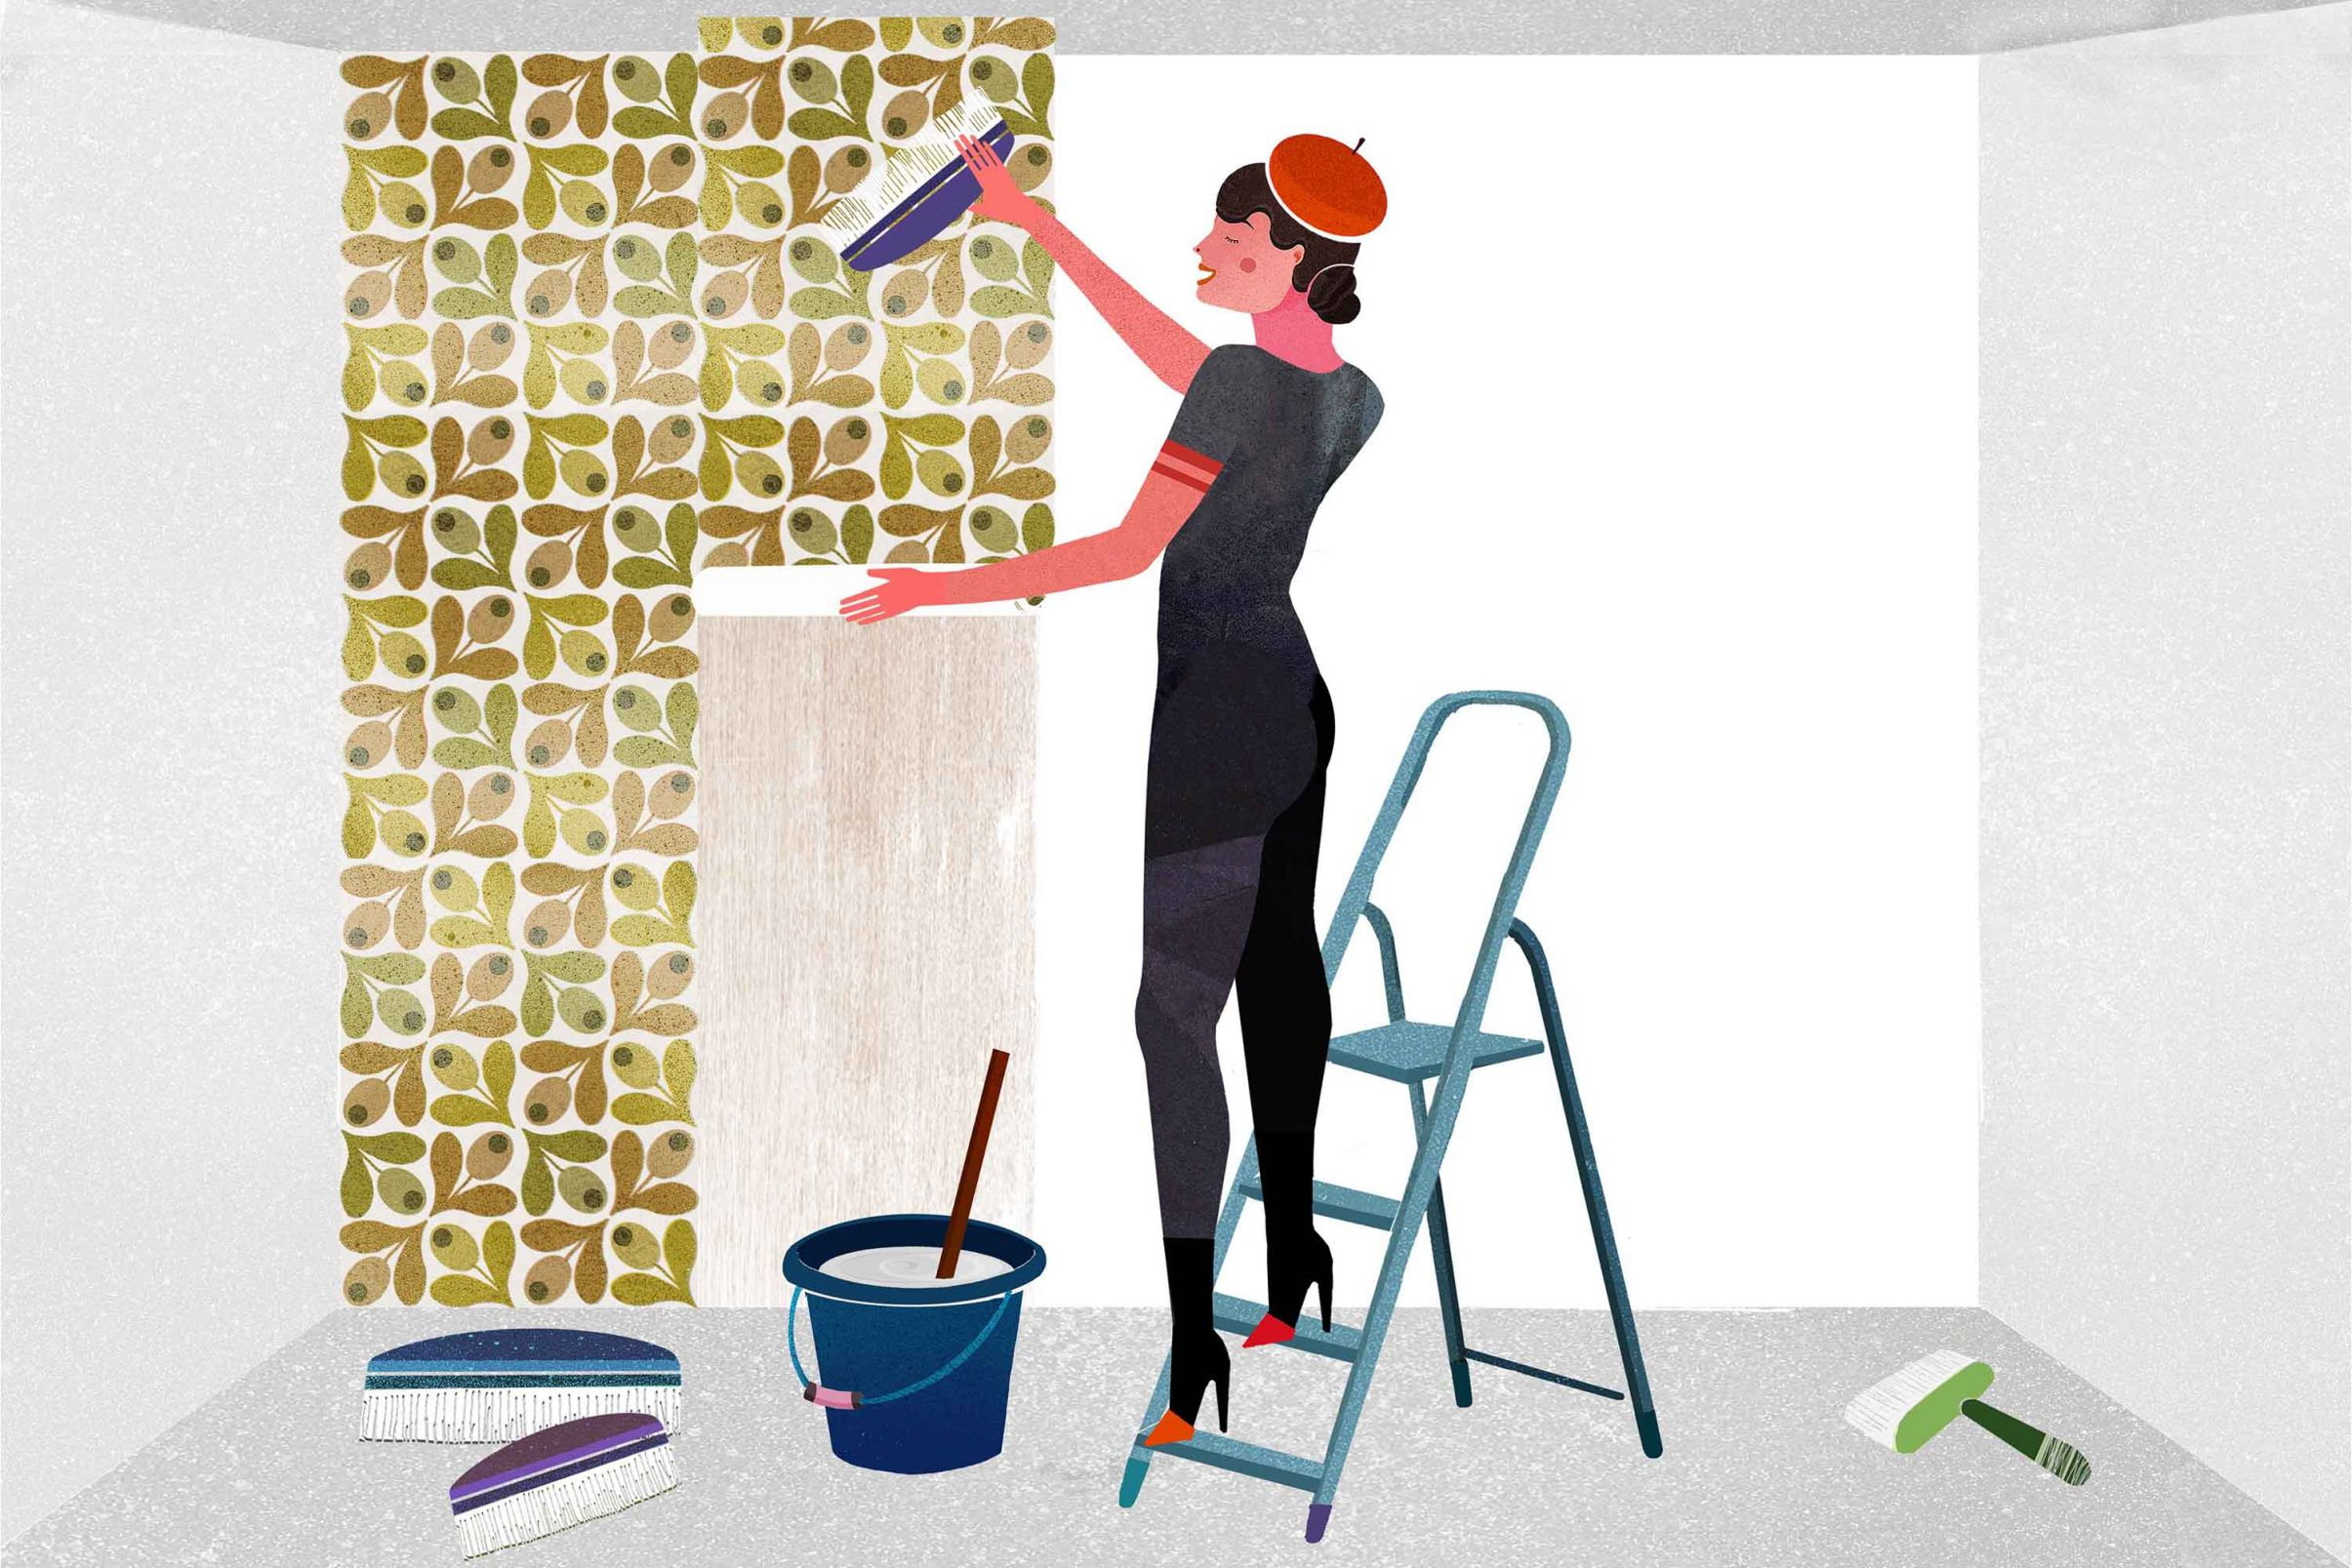 Comment-poser-un-papier-peint-intisse-Poser-les-les-de-papier-peint-sur-le-mur